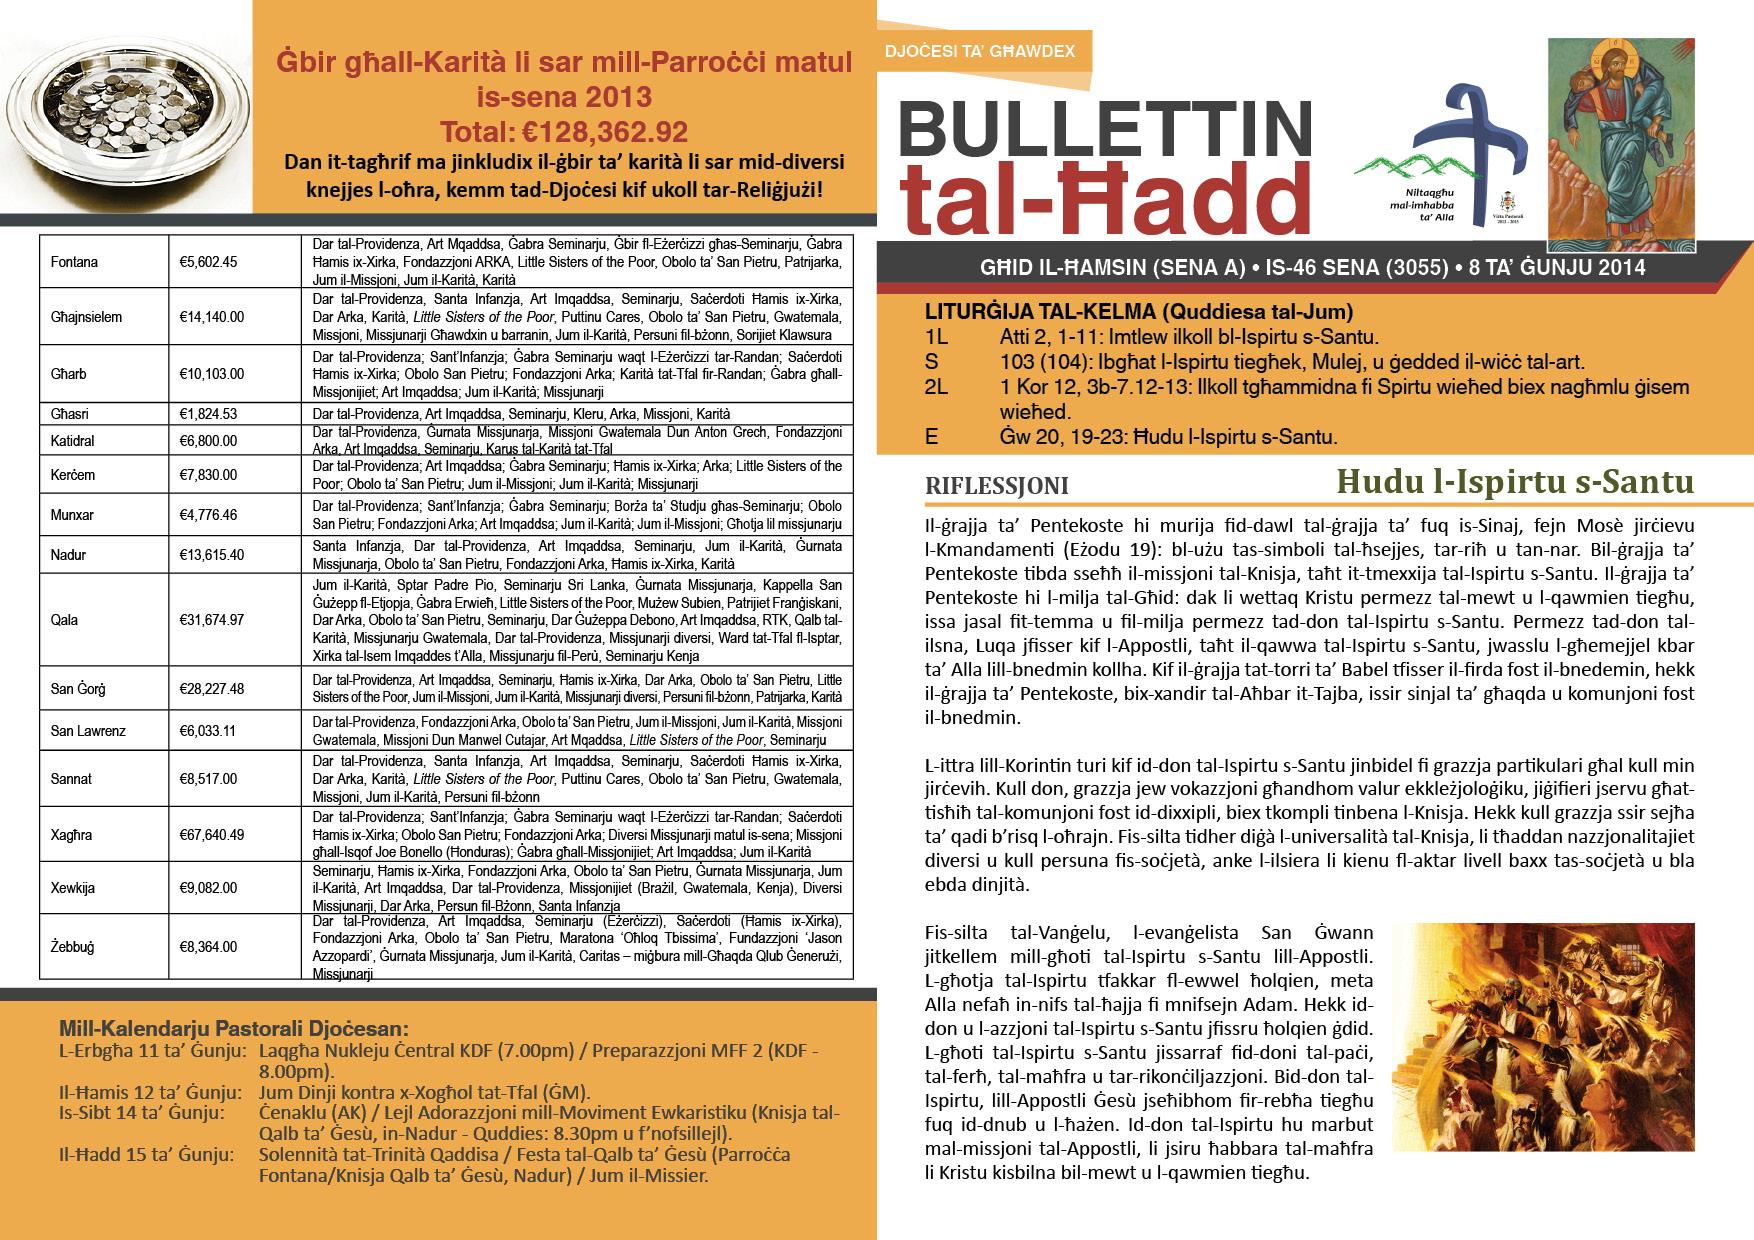 bullettin-2014-gunju-08.jpg